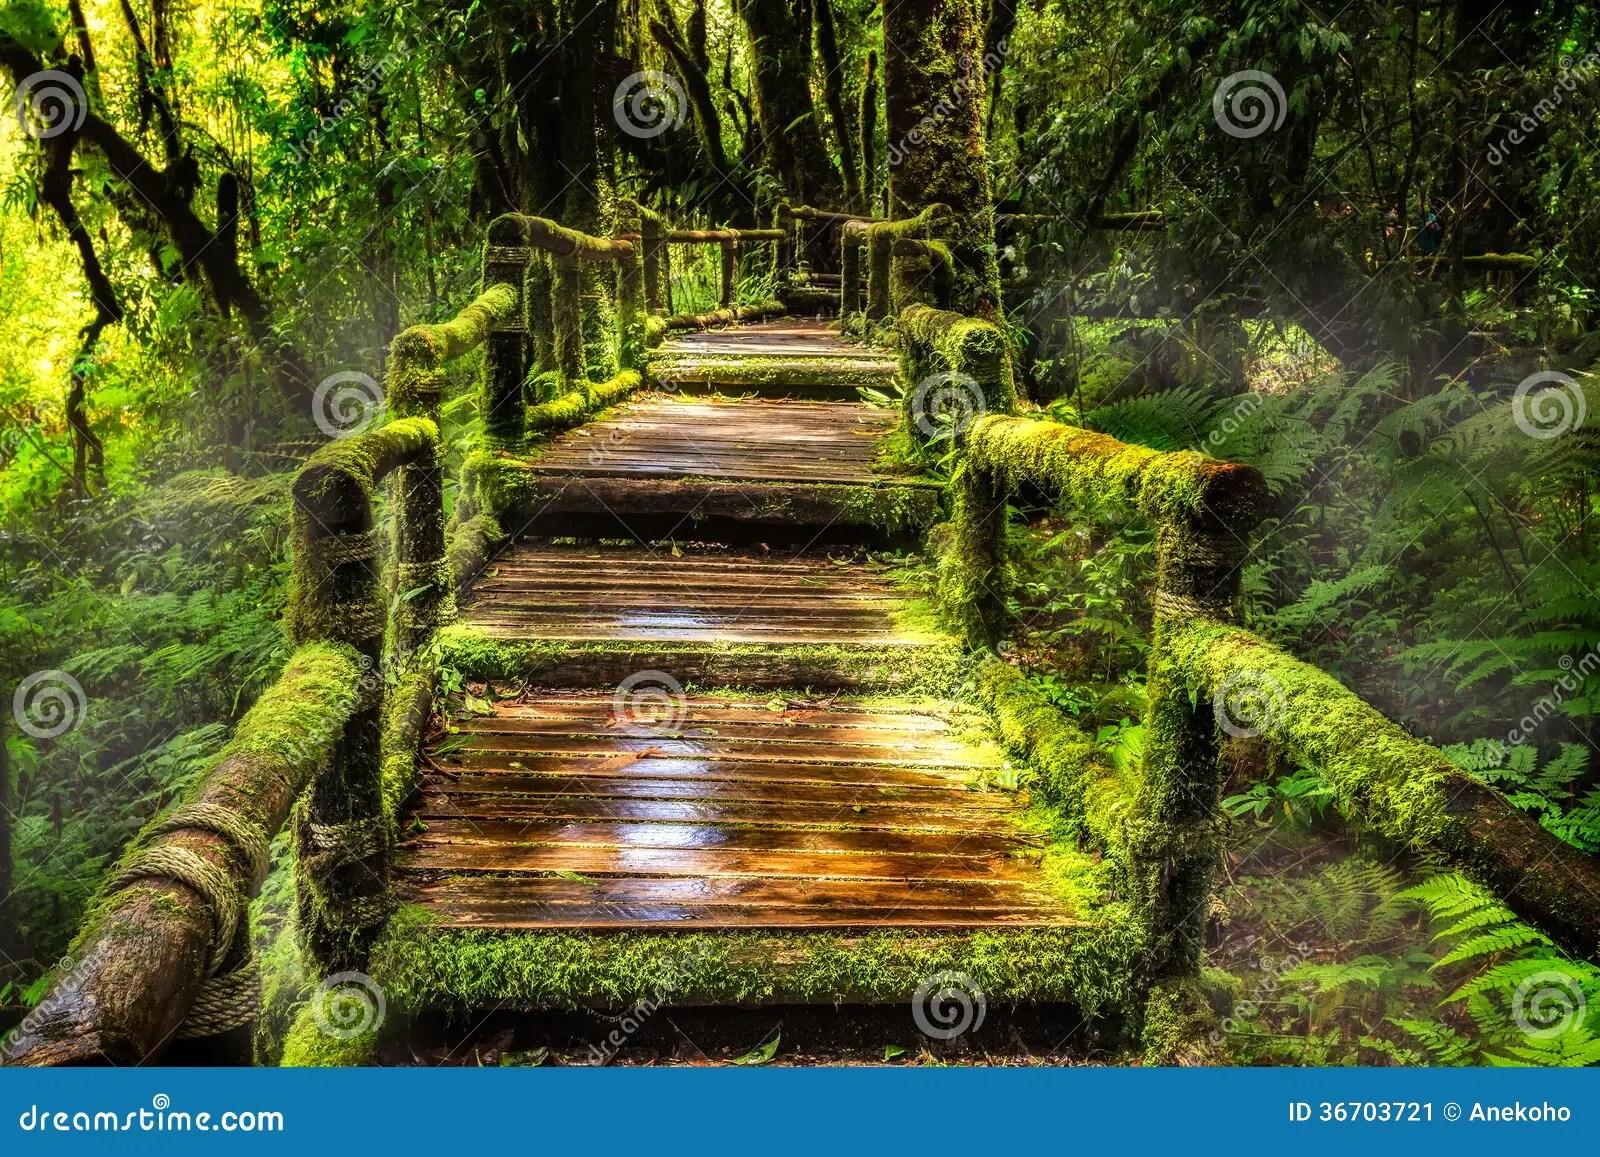 Rain Fall Hd Wallpaper Download Beautiful Rain Forest At Ang Ka Nature Trail Stock Image